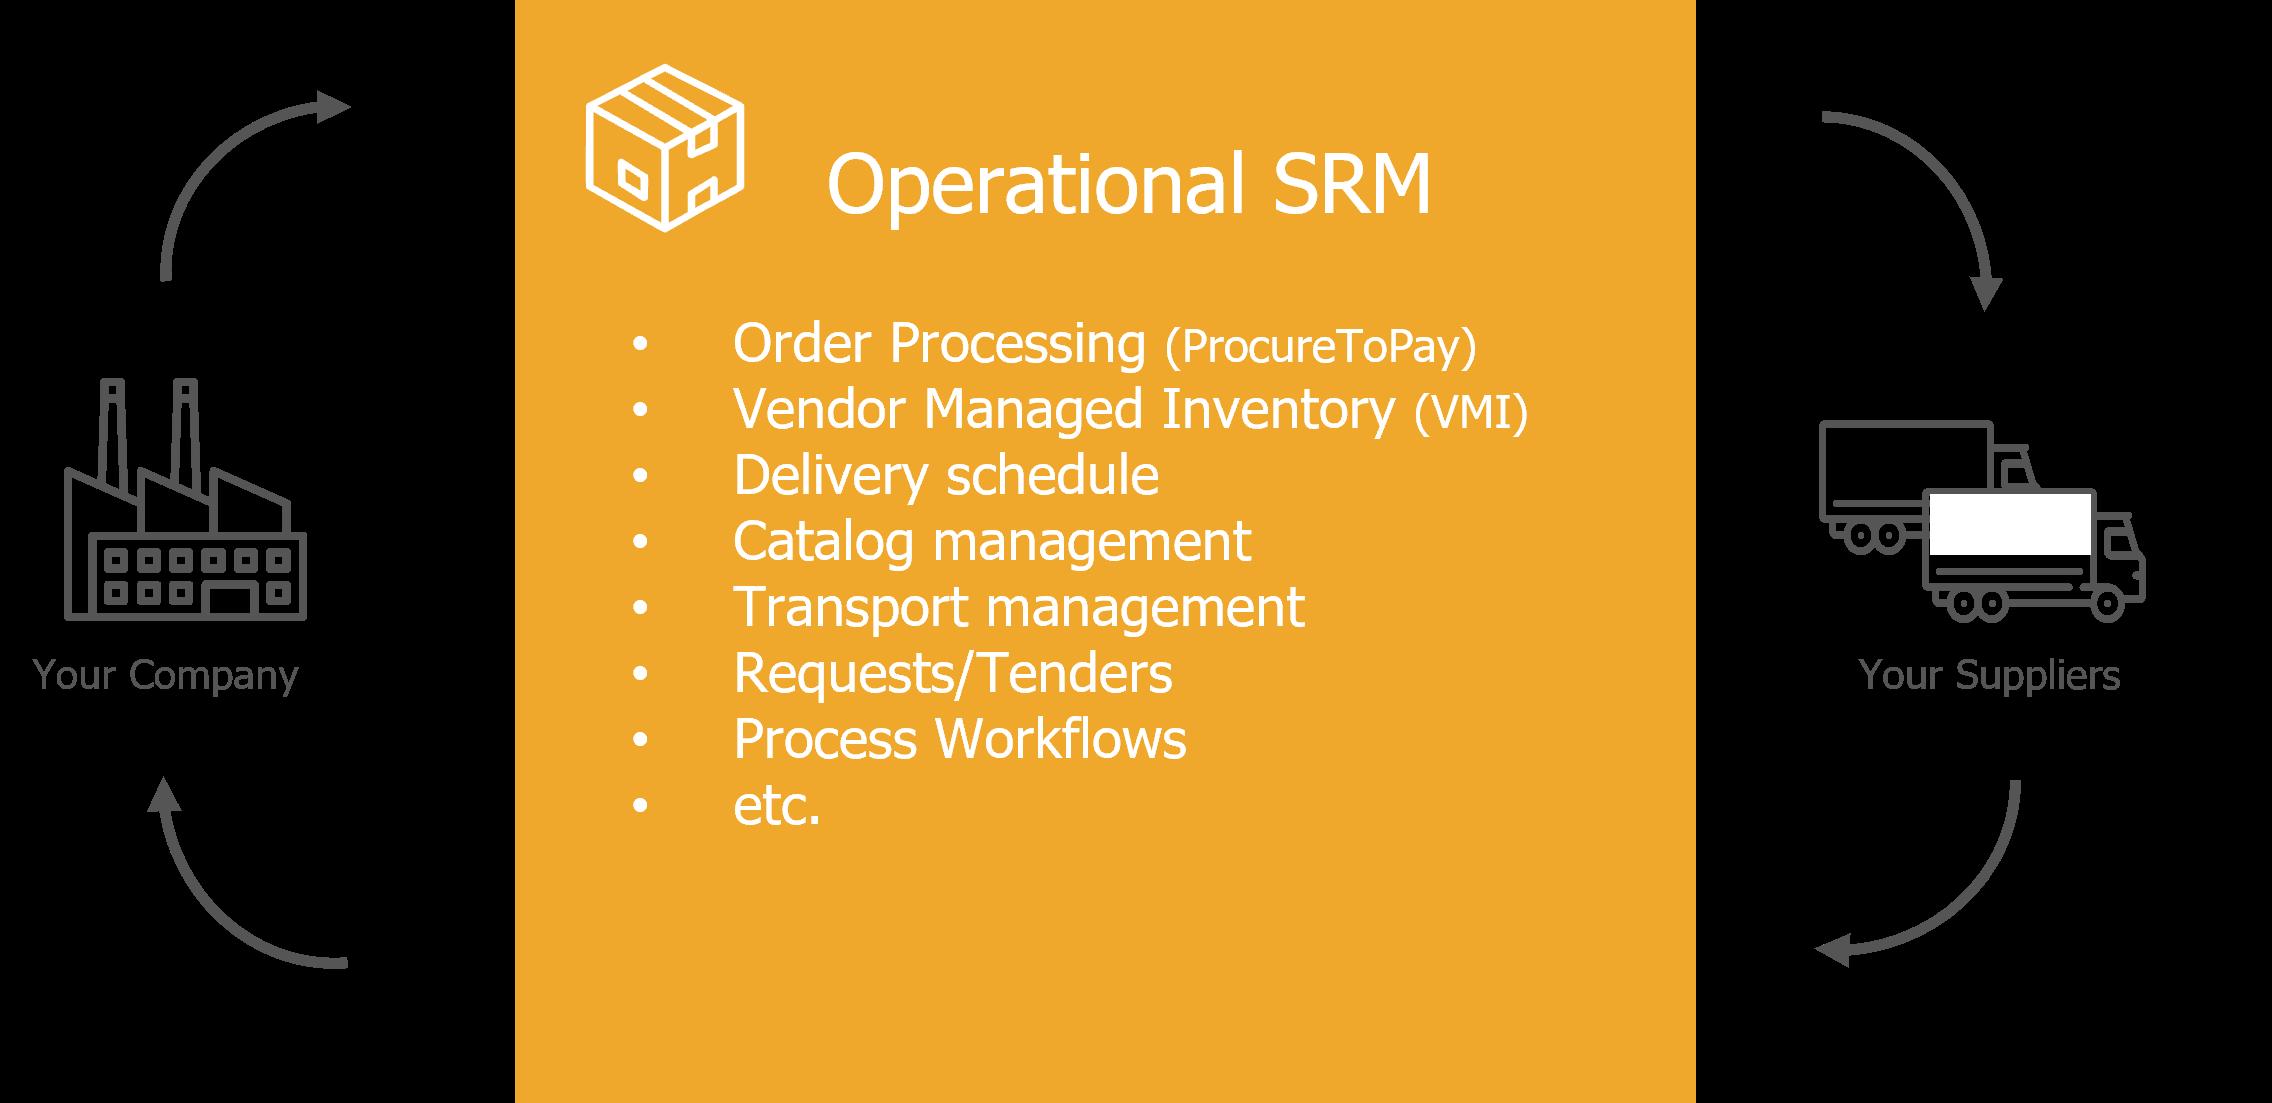 Operational_SRM_en